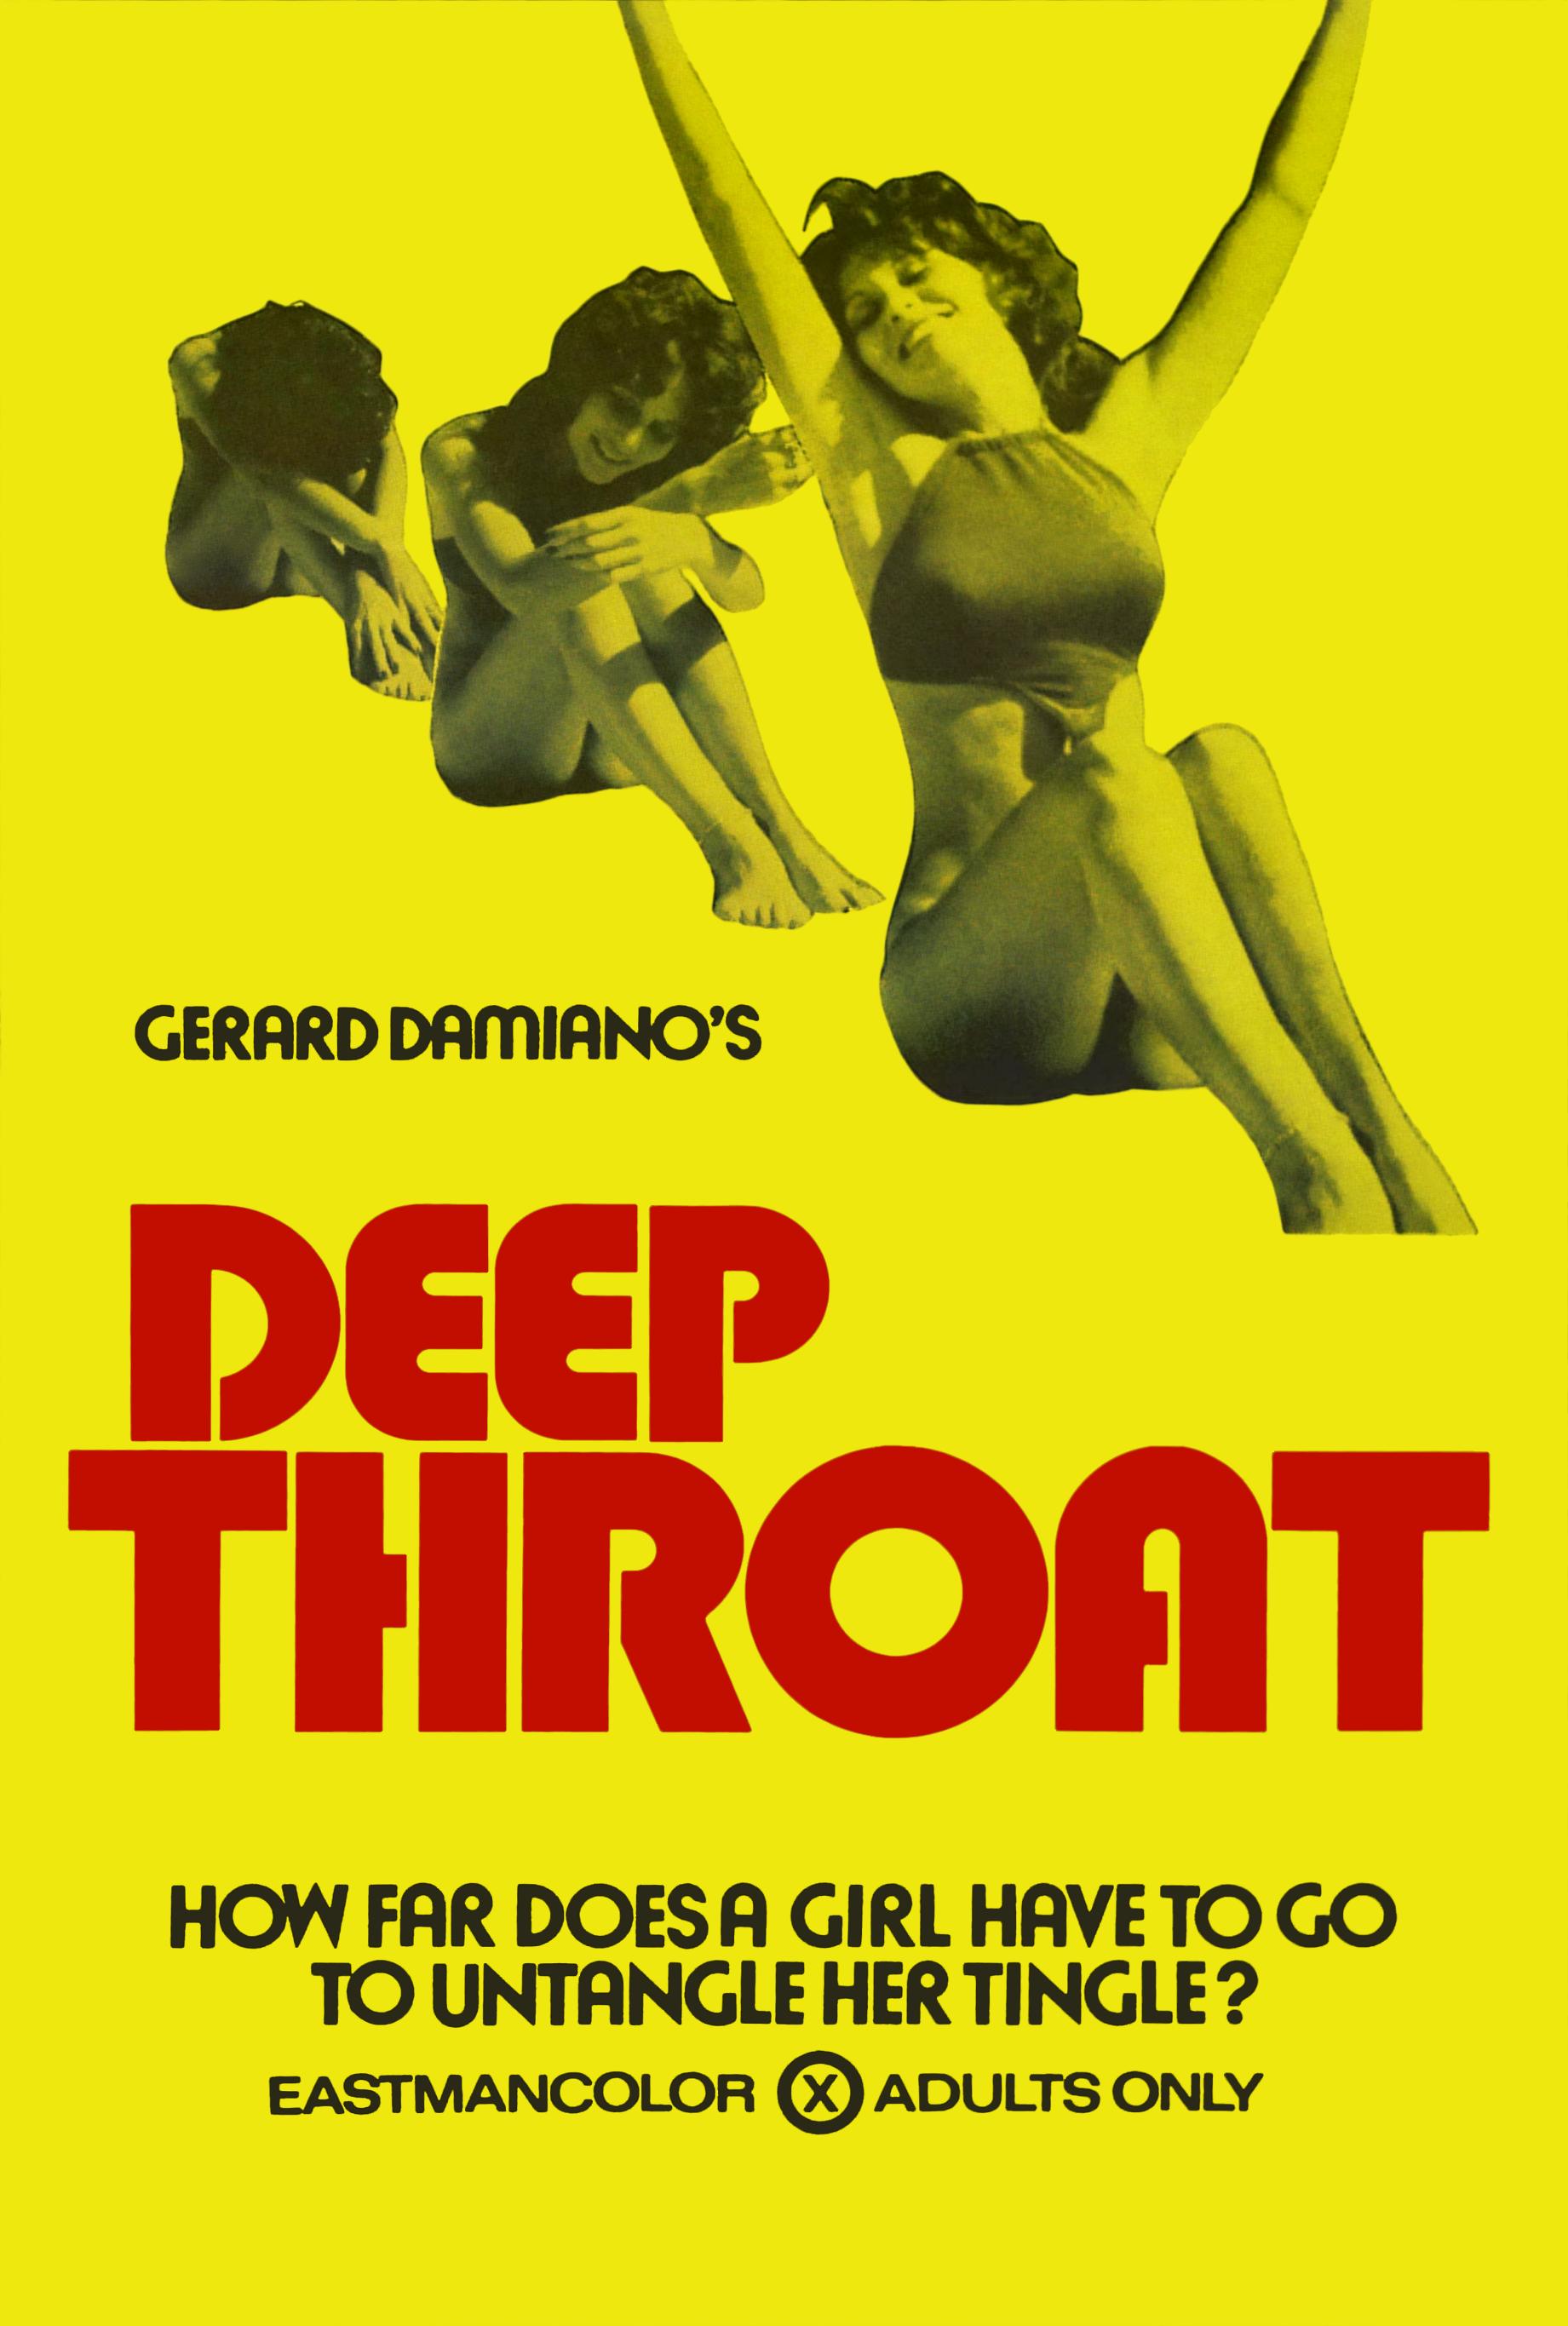 Deep deepthroat Deep Throat